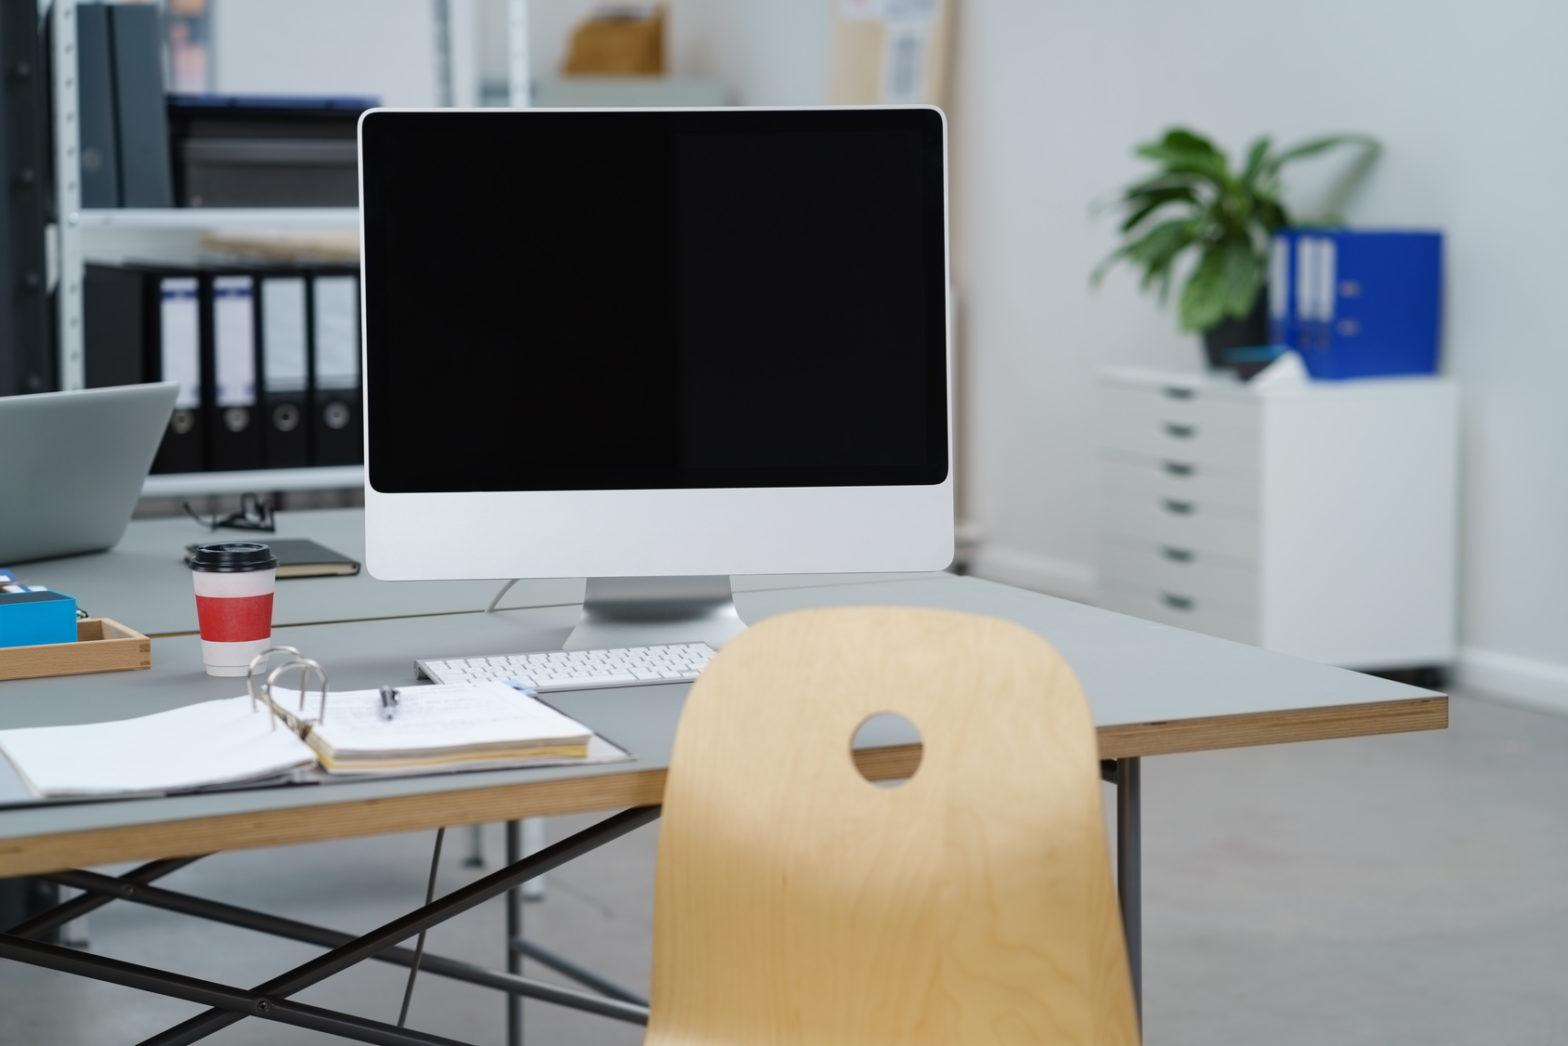 leerer bildschirm auf dem schreibtisch im büro